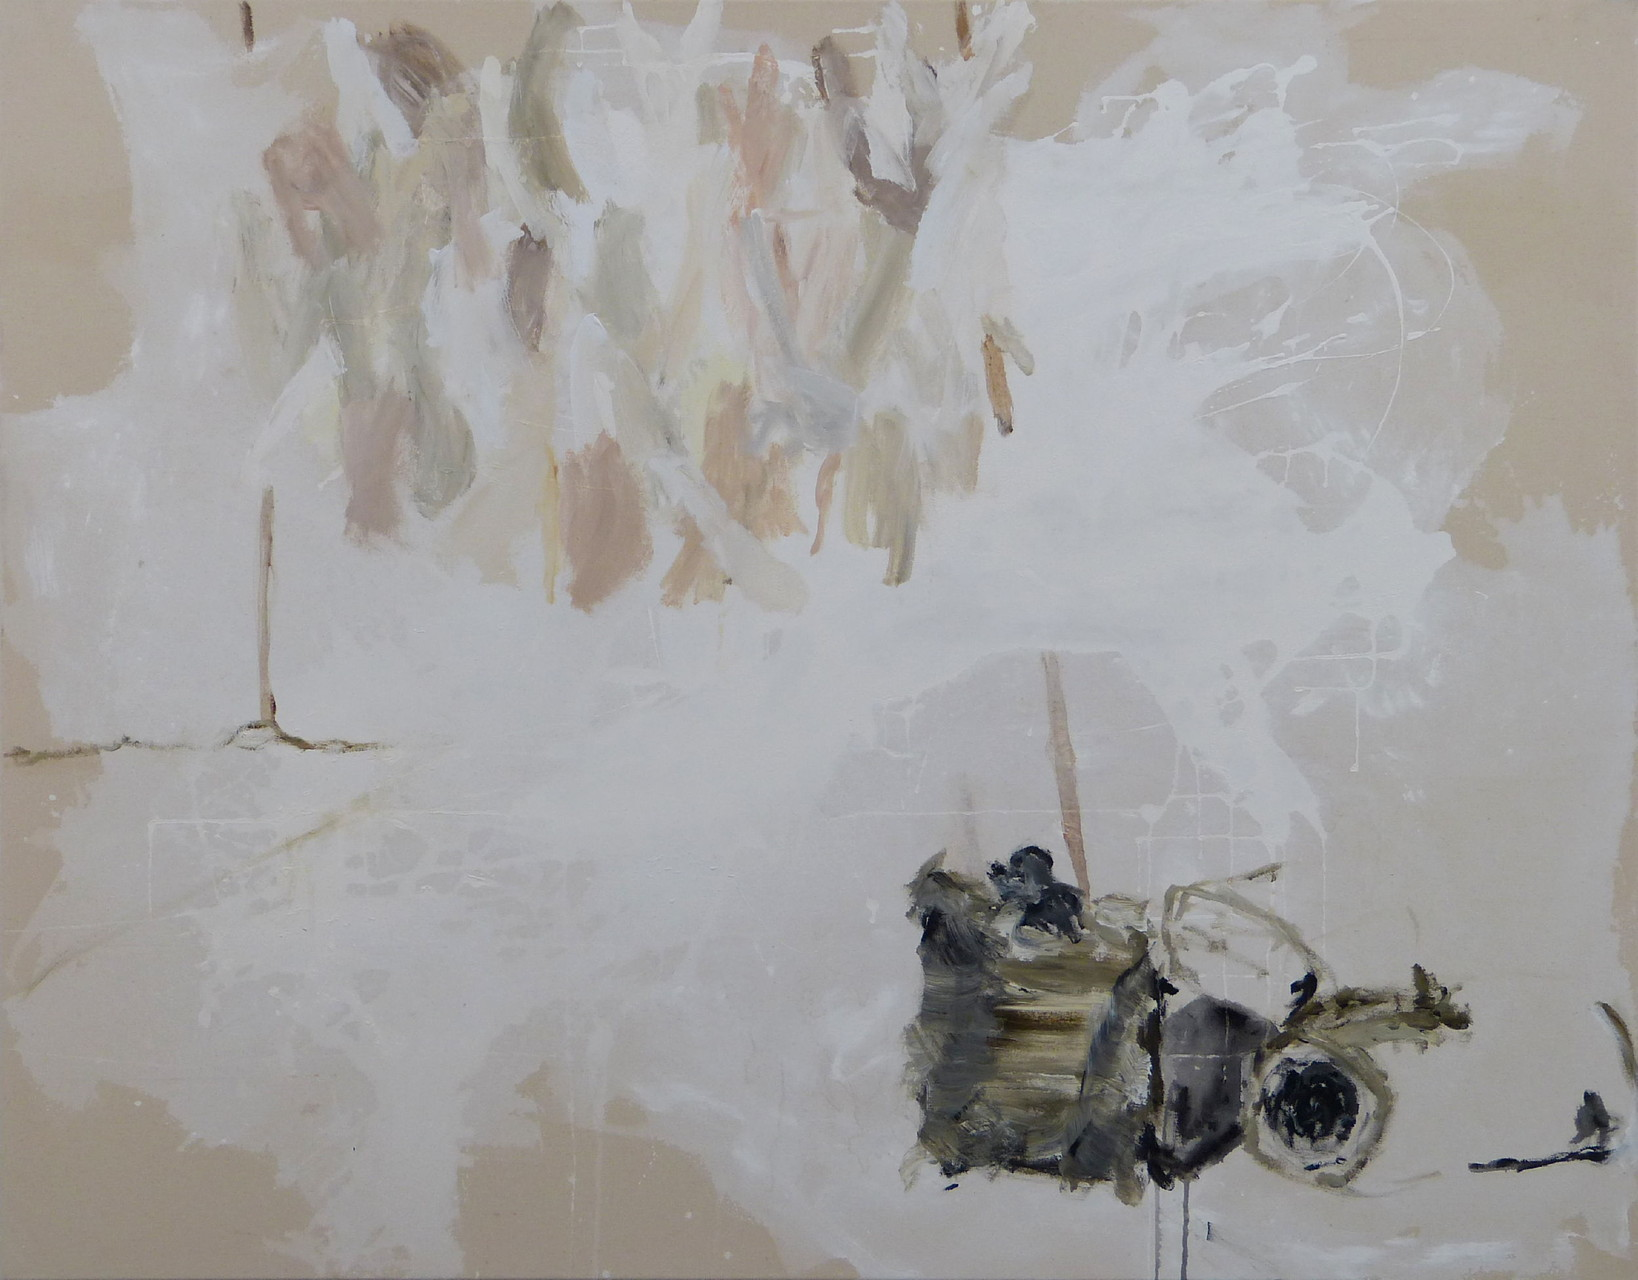 Hinter den Dingen III, Acryl/Lwd., 110 x 140 cm, 2013